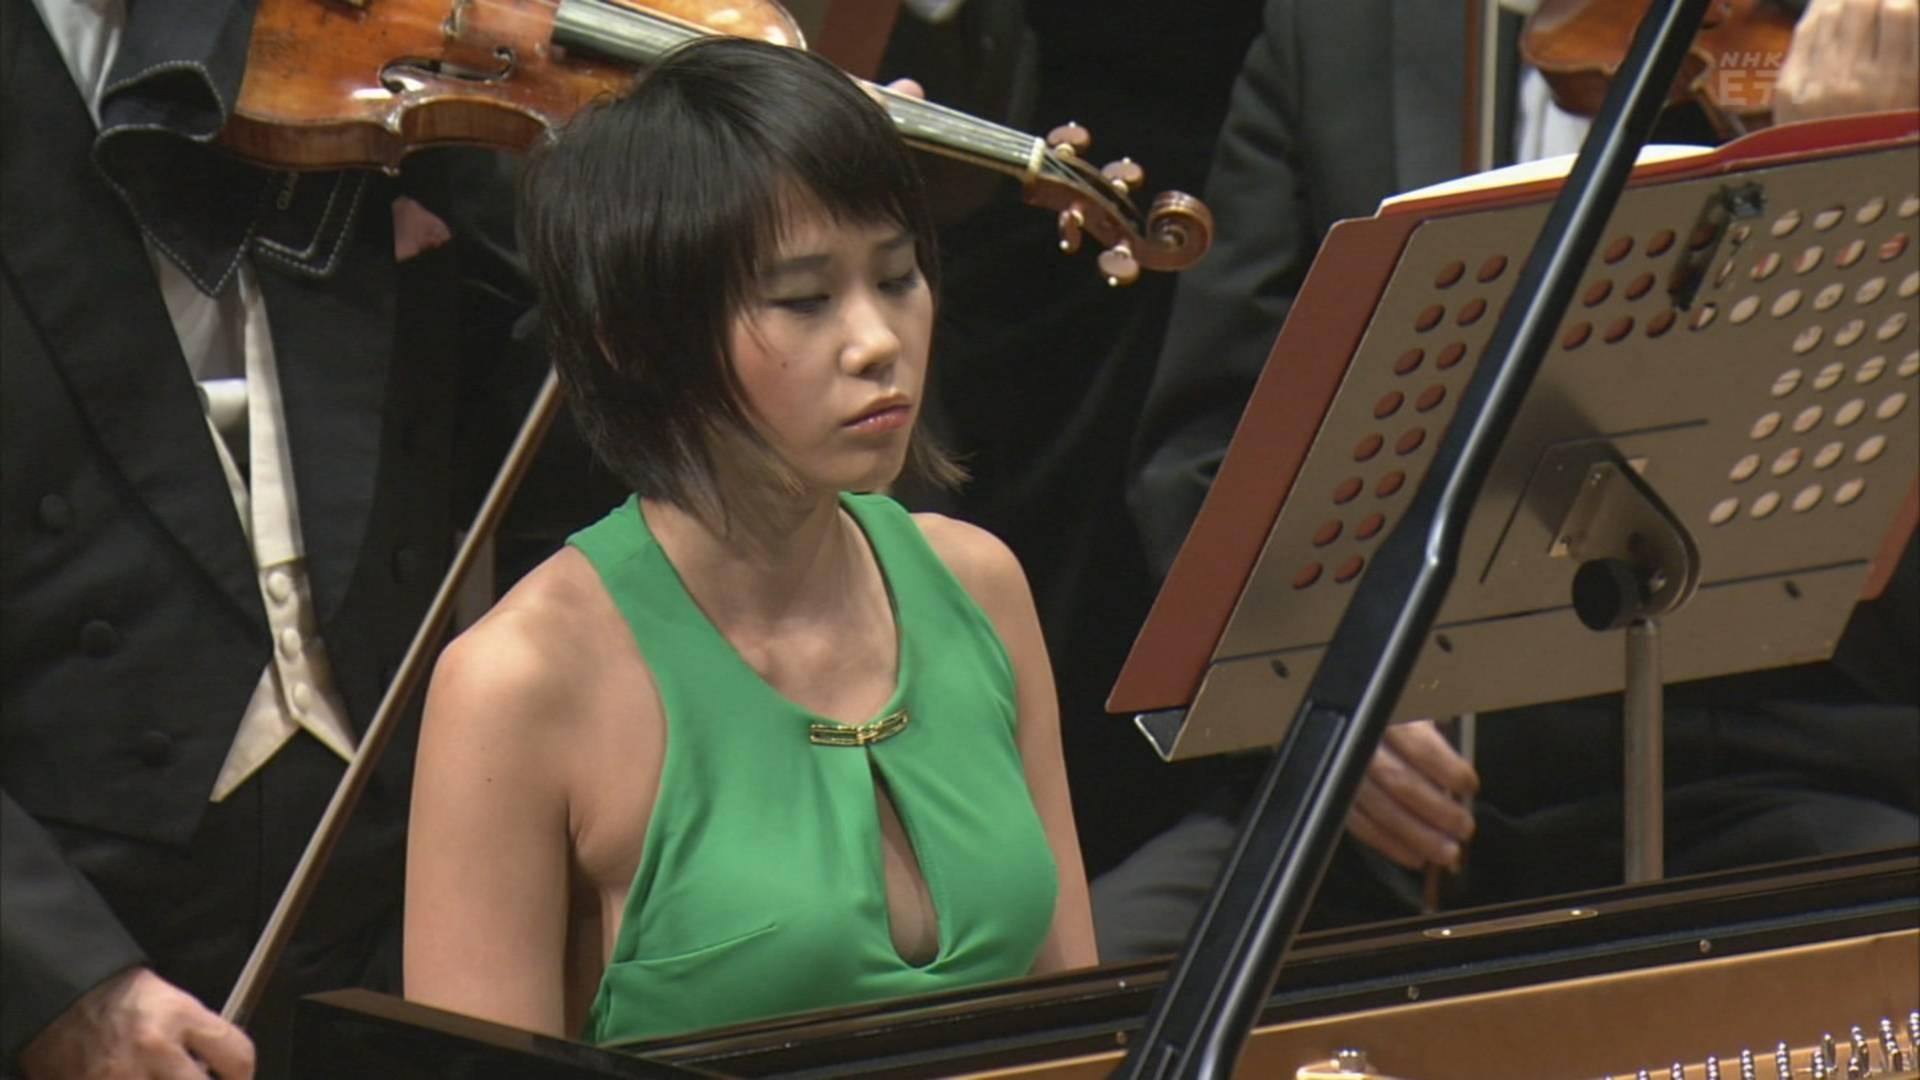 NHKのクラシックコンサートに半裸の様なエロドレスを着てノーブラ出演したピアニストのユジャ・ワン(Yuja Wang)